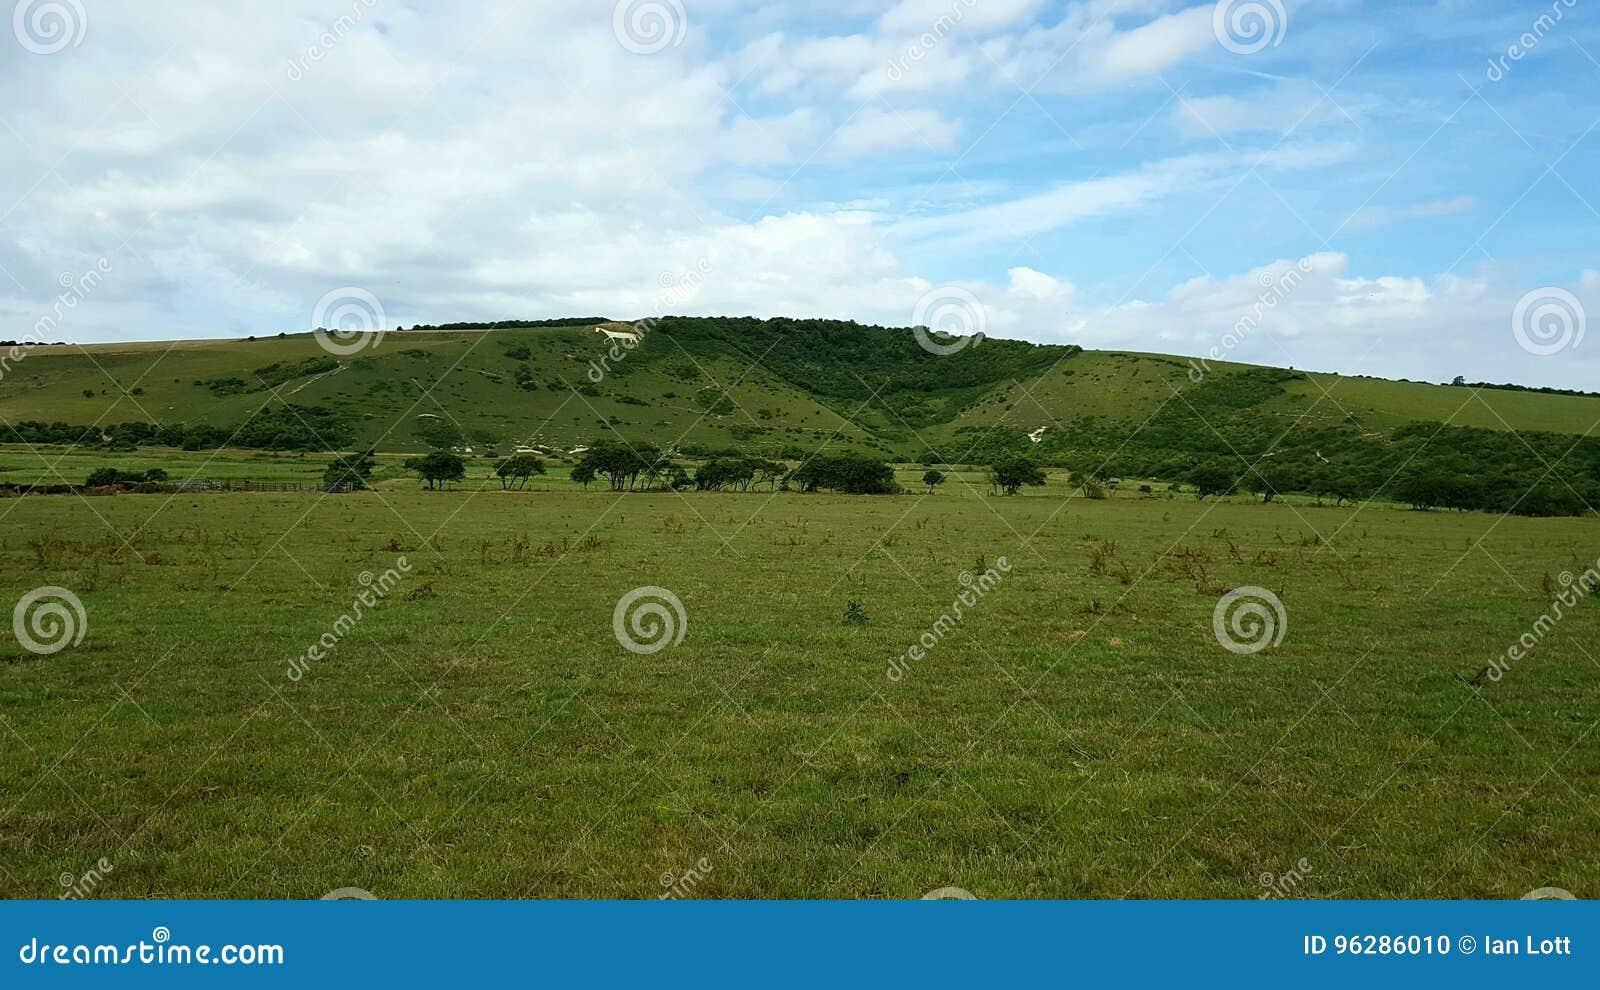 Caballo blanco del pueblode Litlingtonen el inSussexdel este,Inglaterra, del valle de Cuckmeredel the